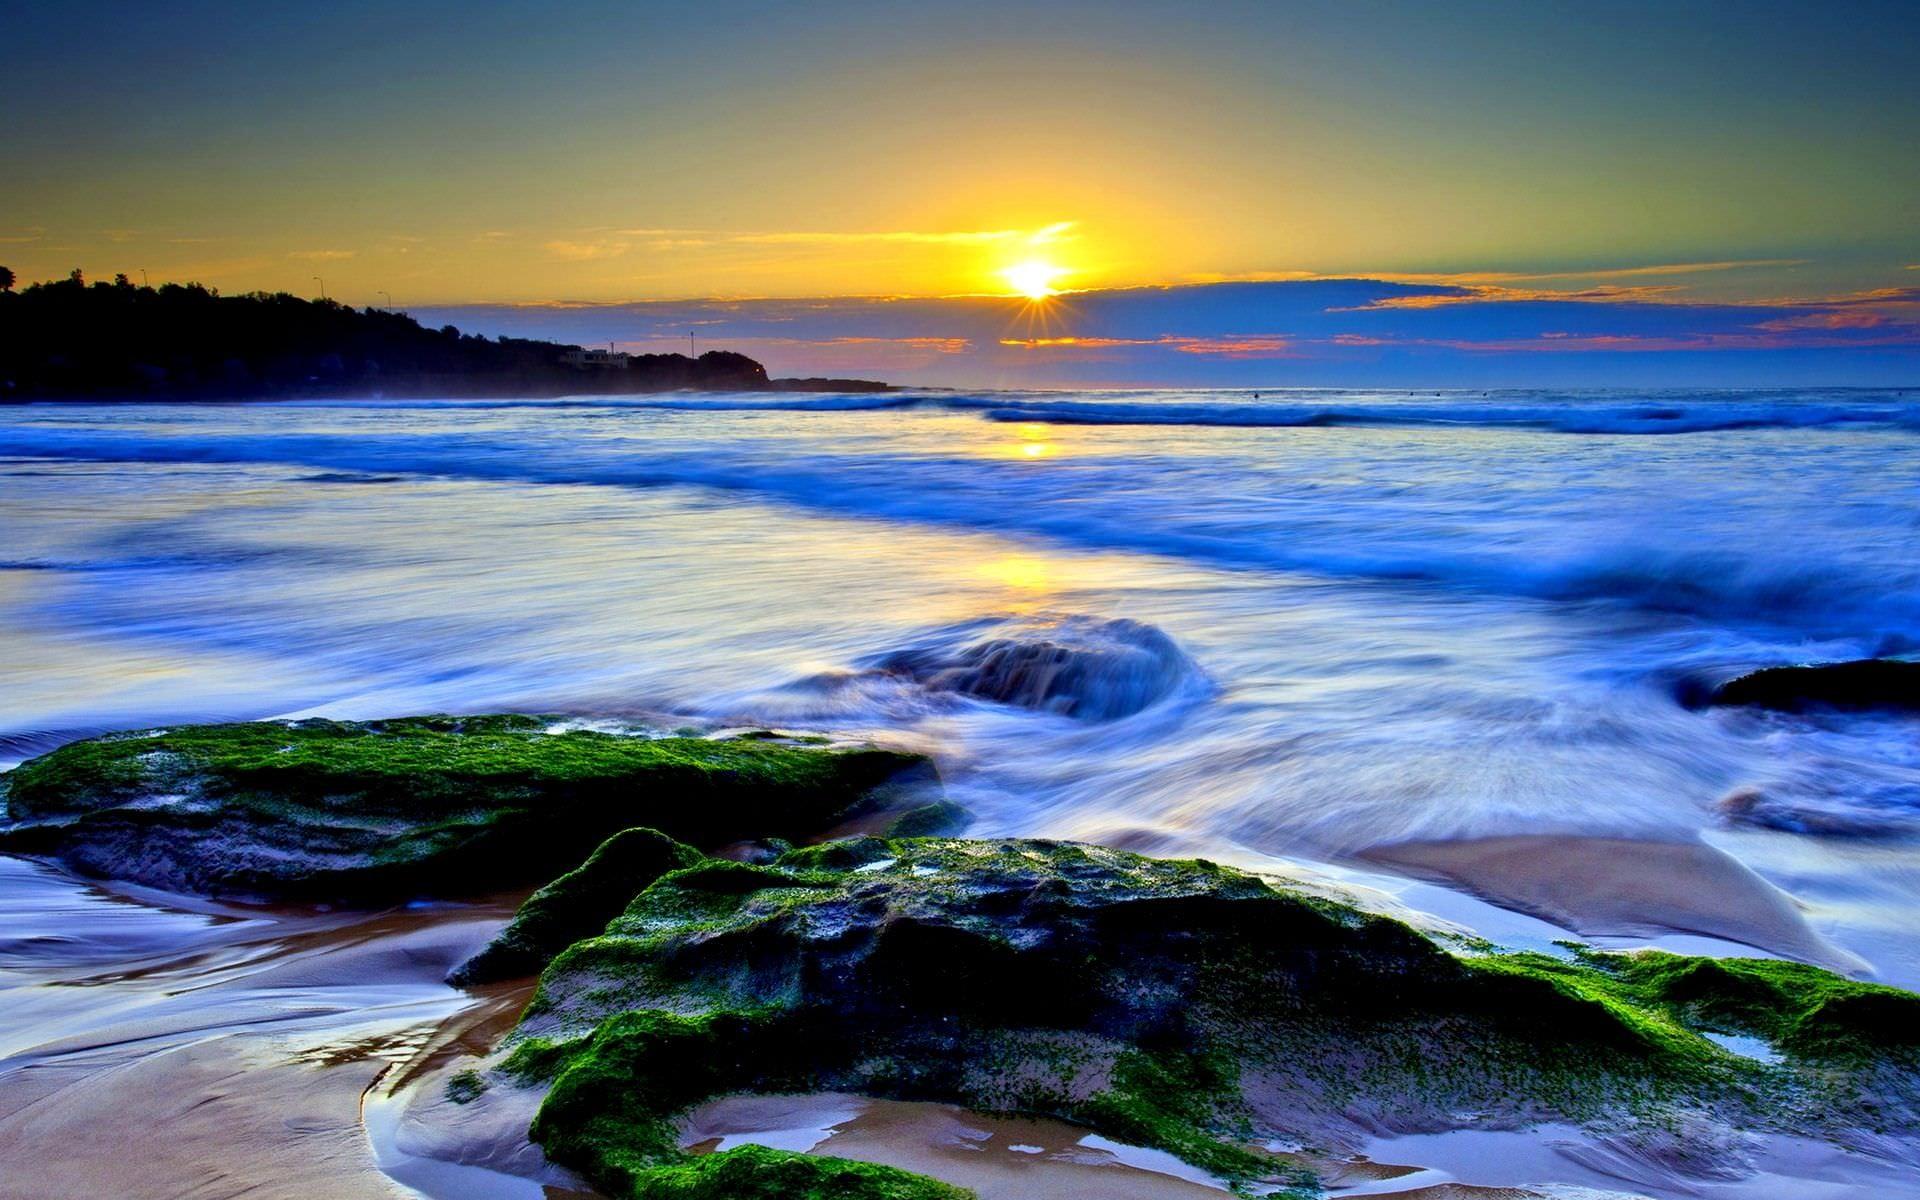 Res: 1920x1200, most-beautiful-ocean-sunset-widescreen-high-definition-wallpaper